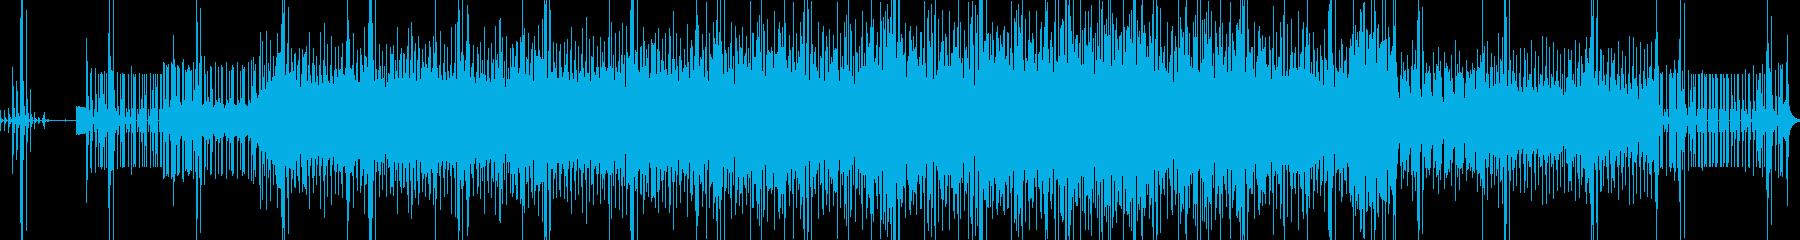 フィルターされたサウンド。の再生済みの波形